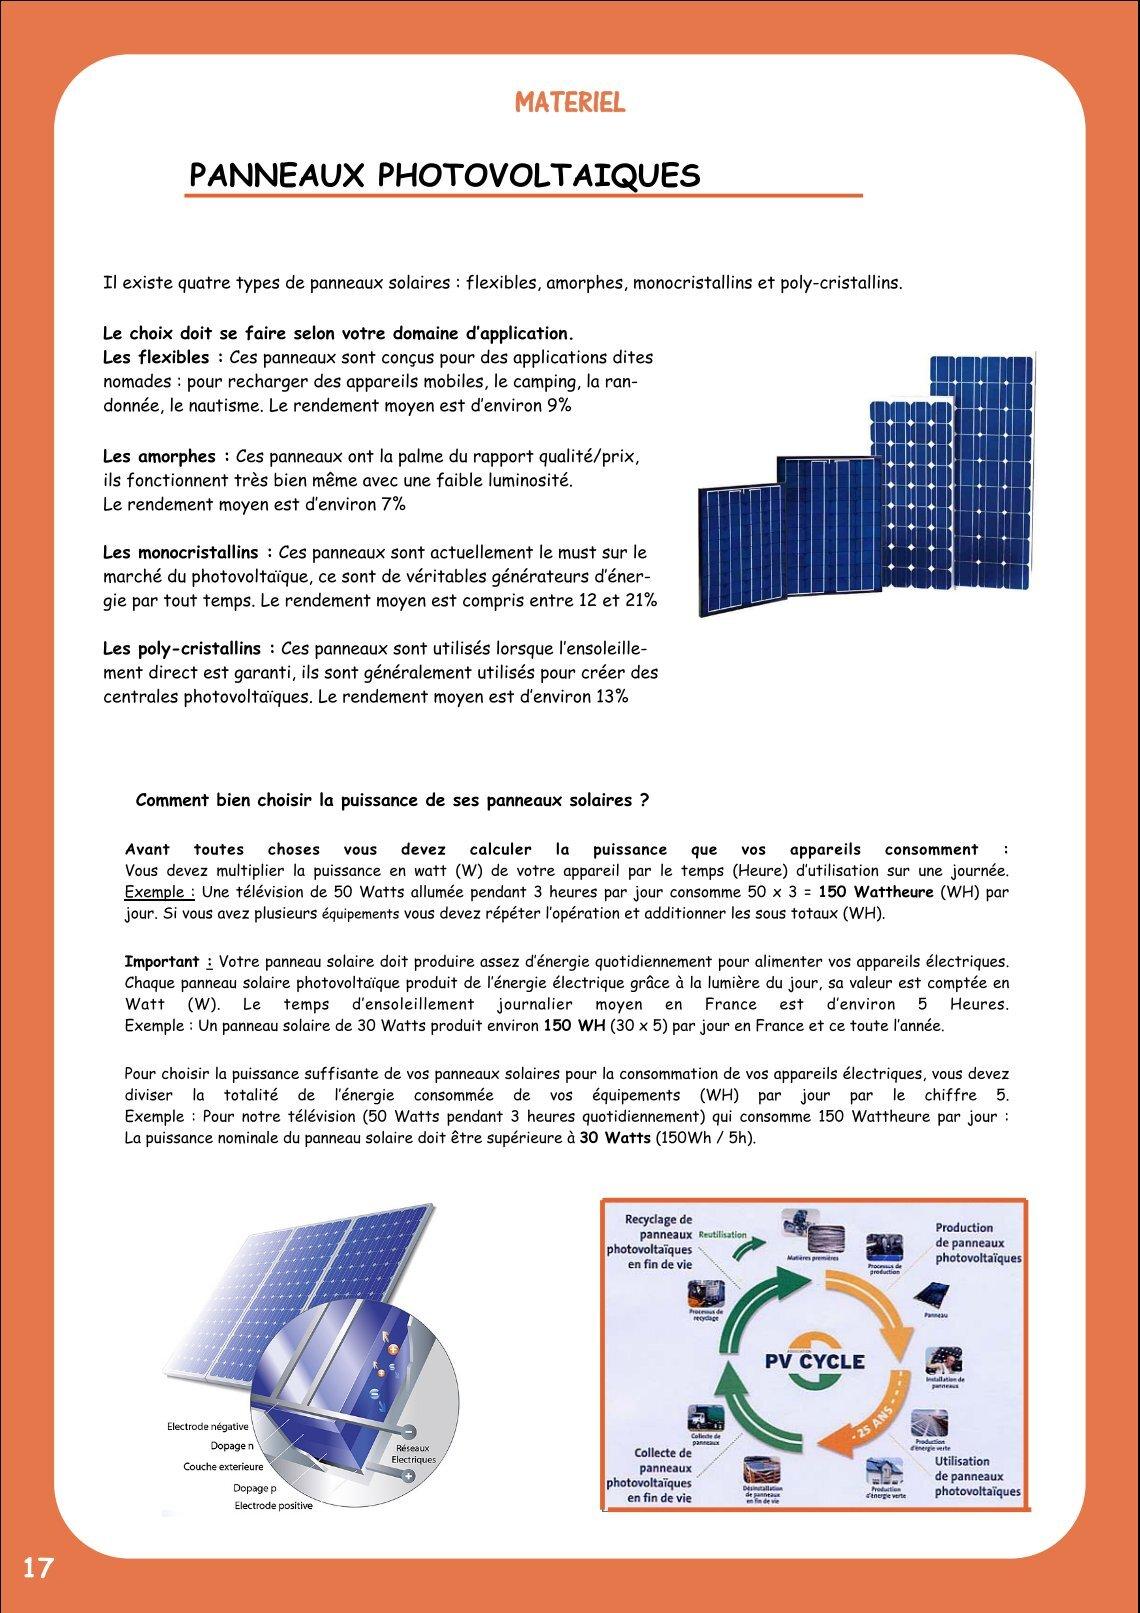 Puissance Panneau Photovoltaique dedans 1 free magazines from enernat